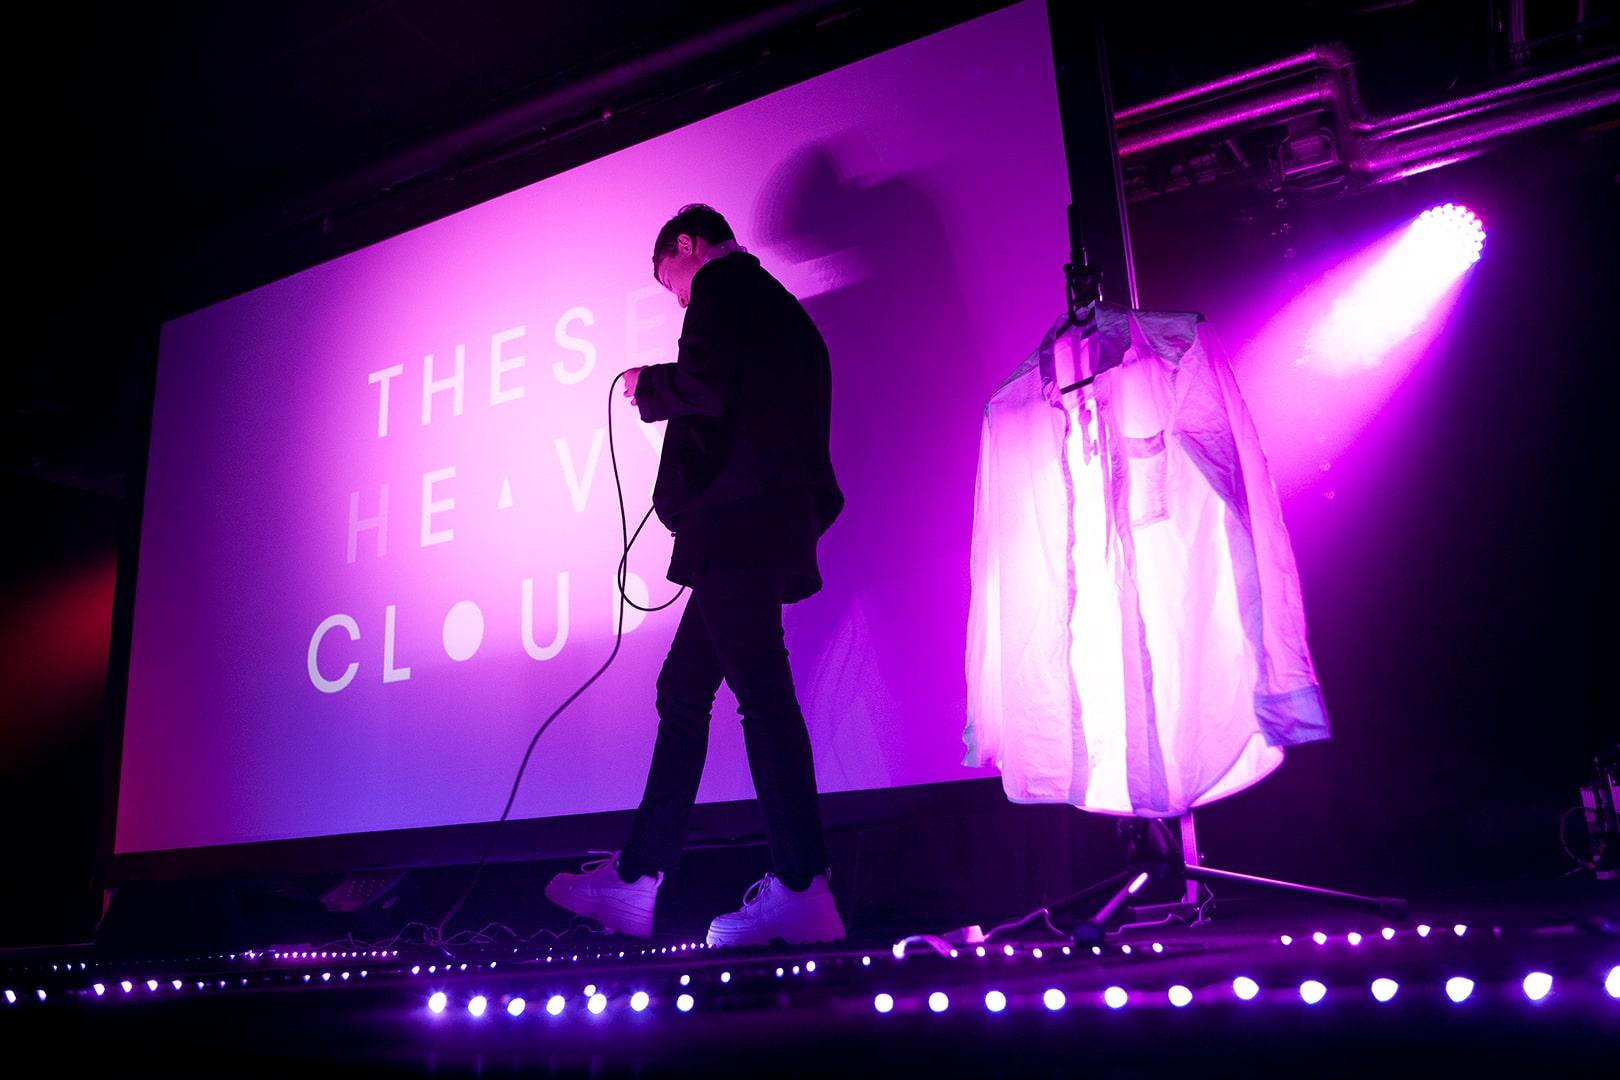 Av fotograf i Linköping - Konserfotografering för These Heavy Clouds - av Fotograf Engström, konsertfotograf Linköping, Norrköping, Östergötland